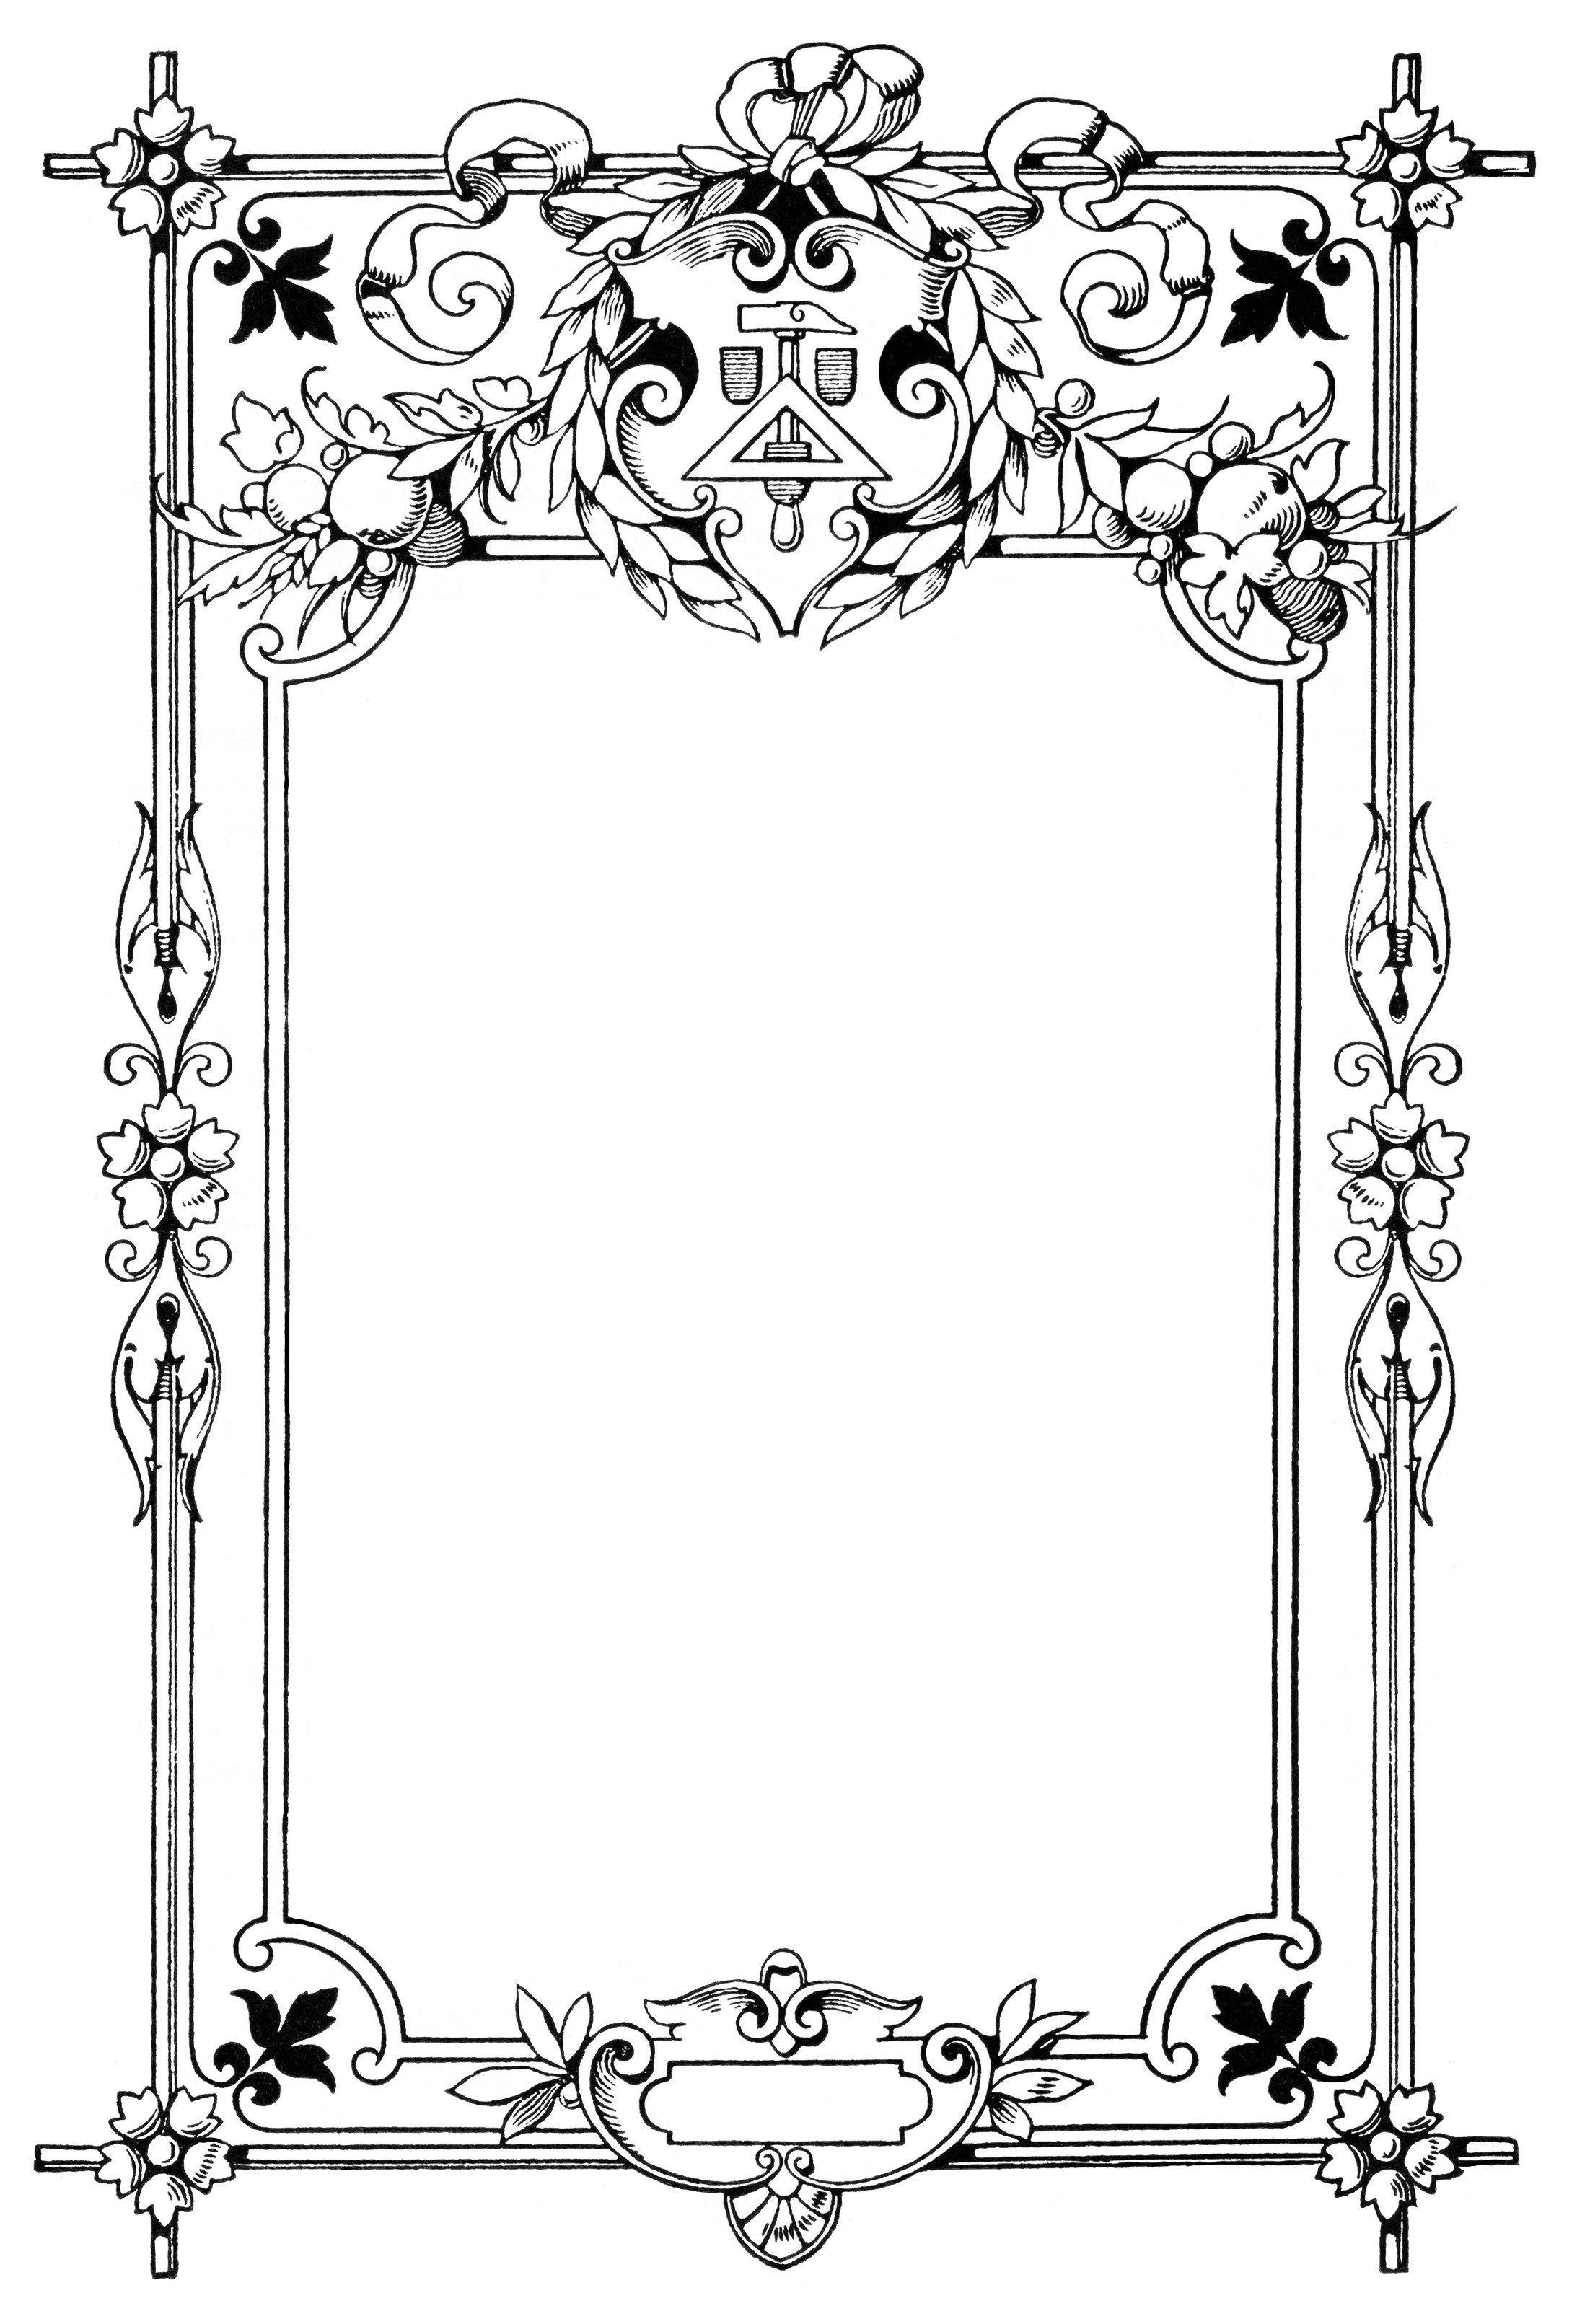 vintage frame clip art, swirly ornate illustration, black and white ...